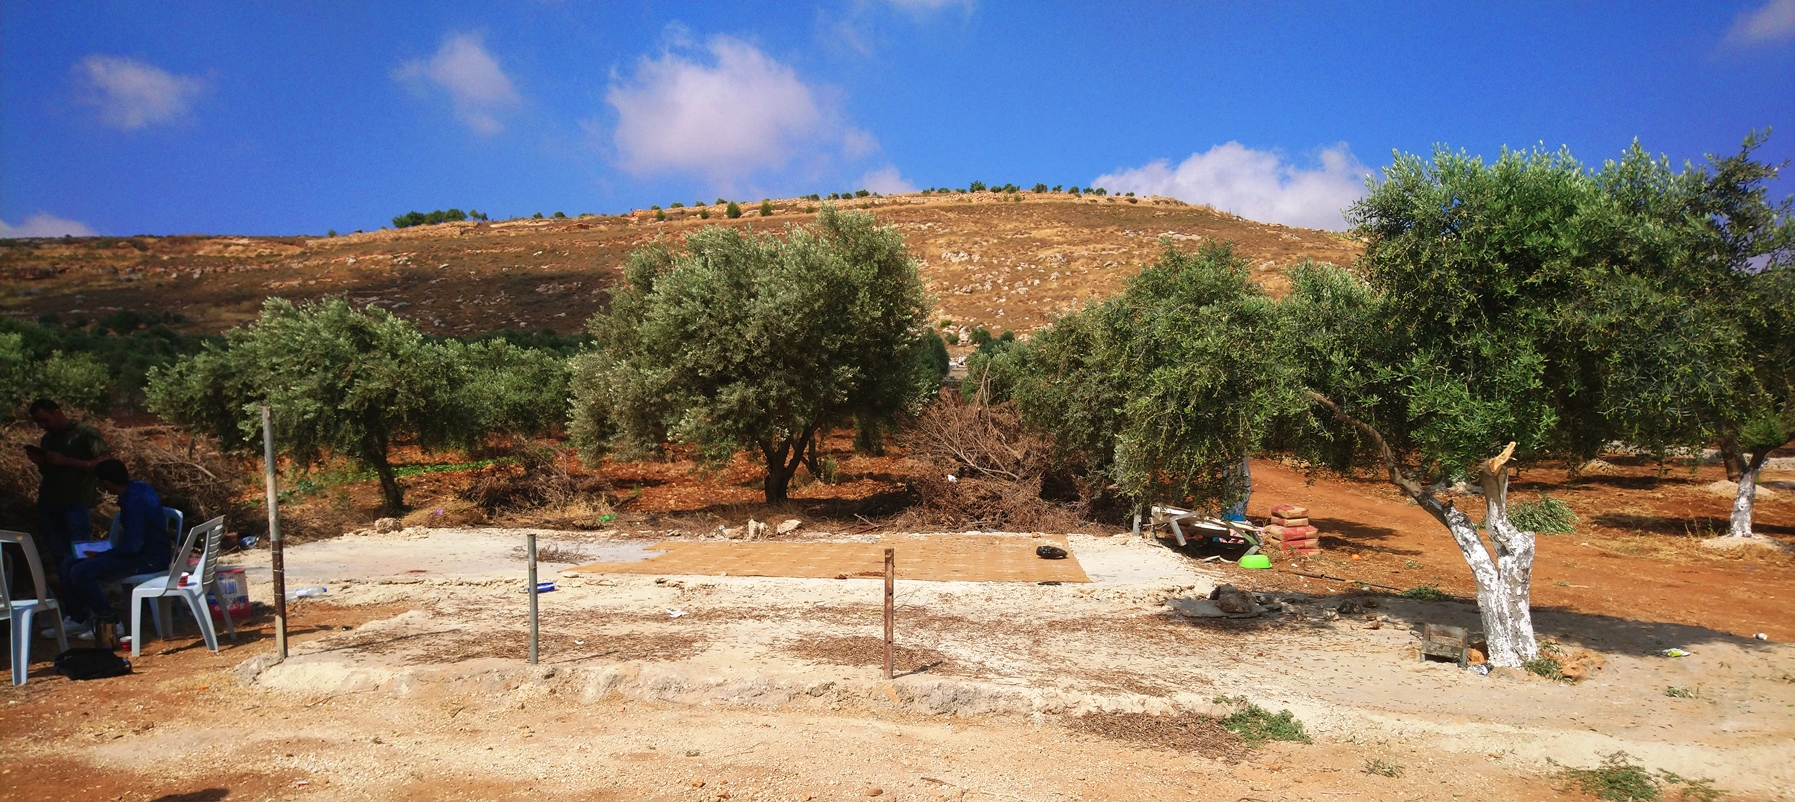 Das Fundament ist alles, was an die zerstörten und konfiszierten Gebäude in Qusra erinnert. Foto © EAPPI